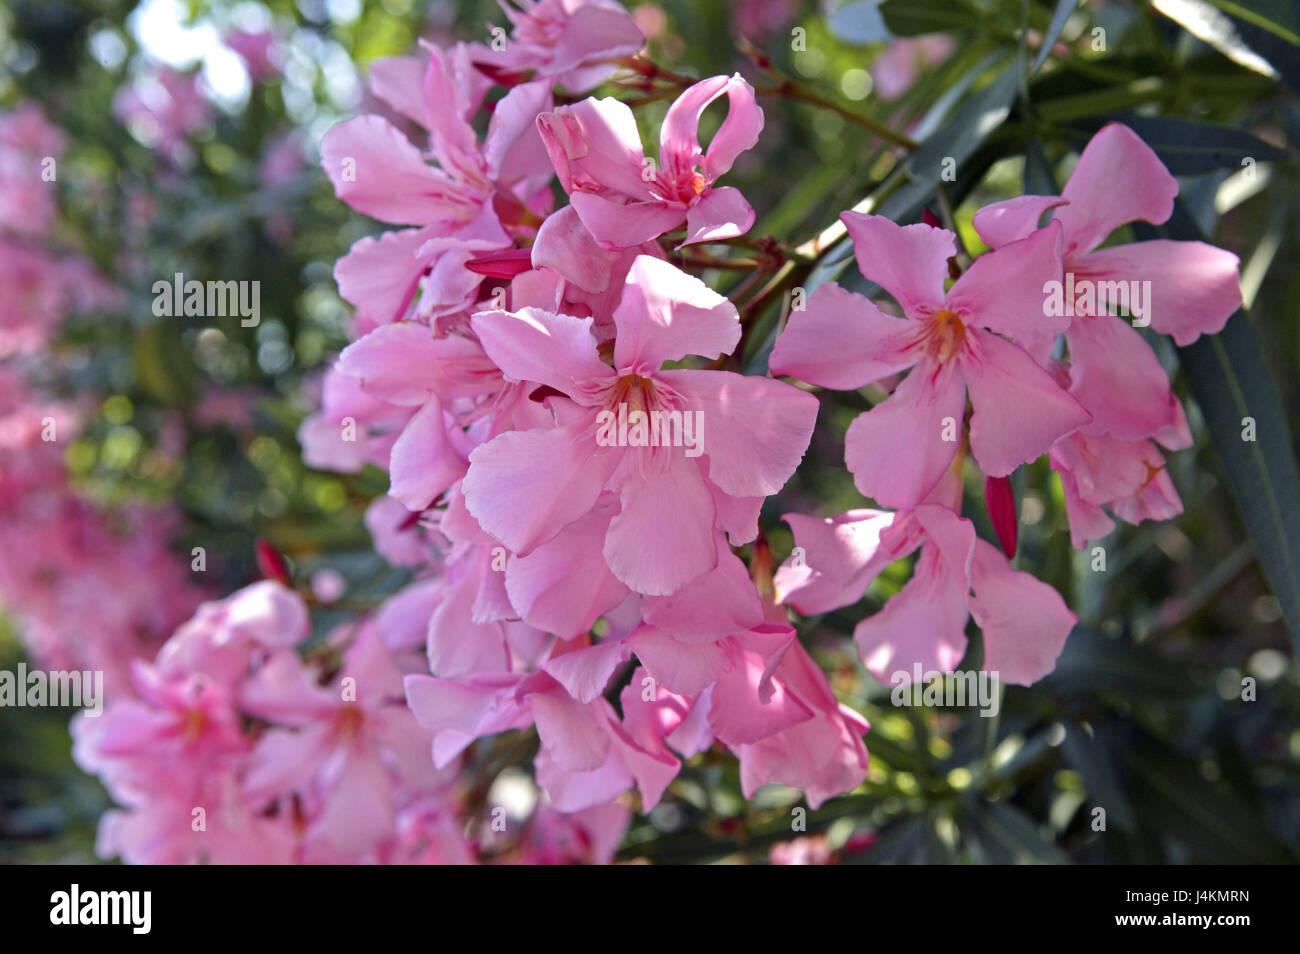 https www alamyimages fr photo image les oleandres nerium detail les fleurs rose a l exterieur fleur fleurs fleurs fleurs periode de floraison botanique nature plante plantes arbustes buissons de lauriers roses l ete rome italie europe 140575001 html